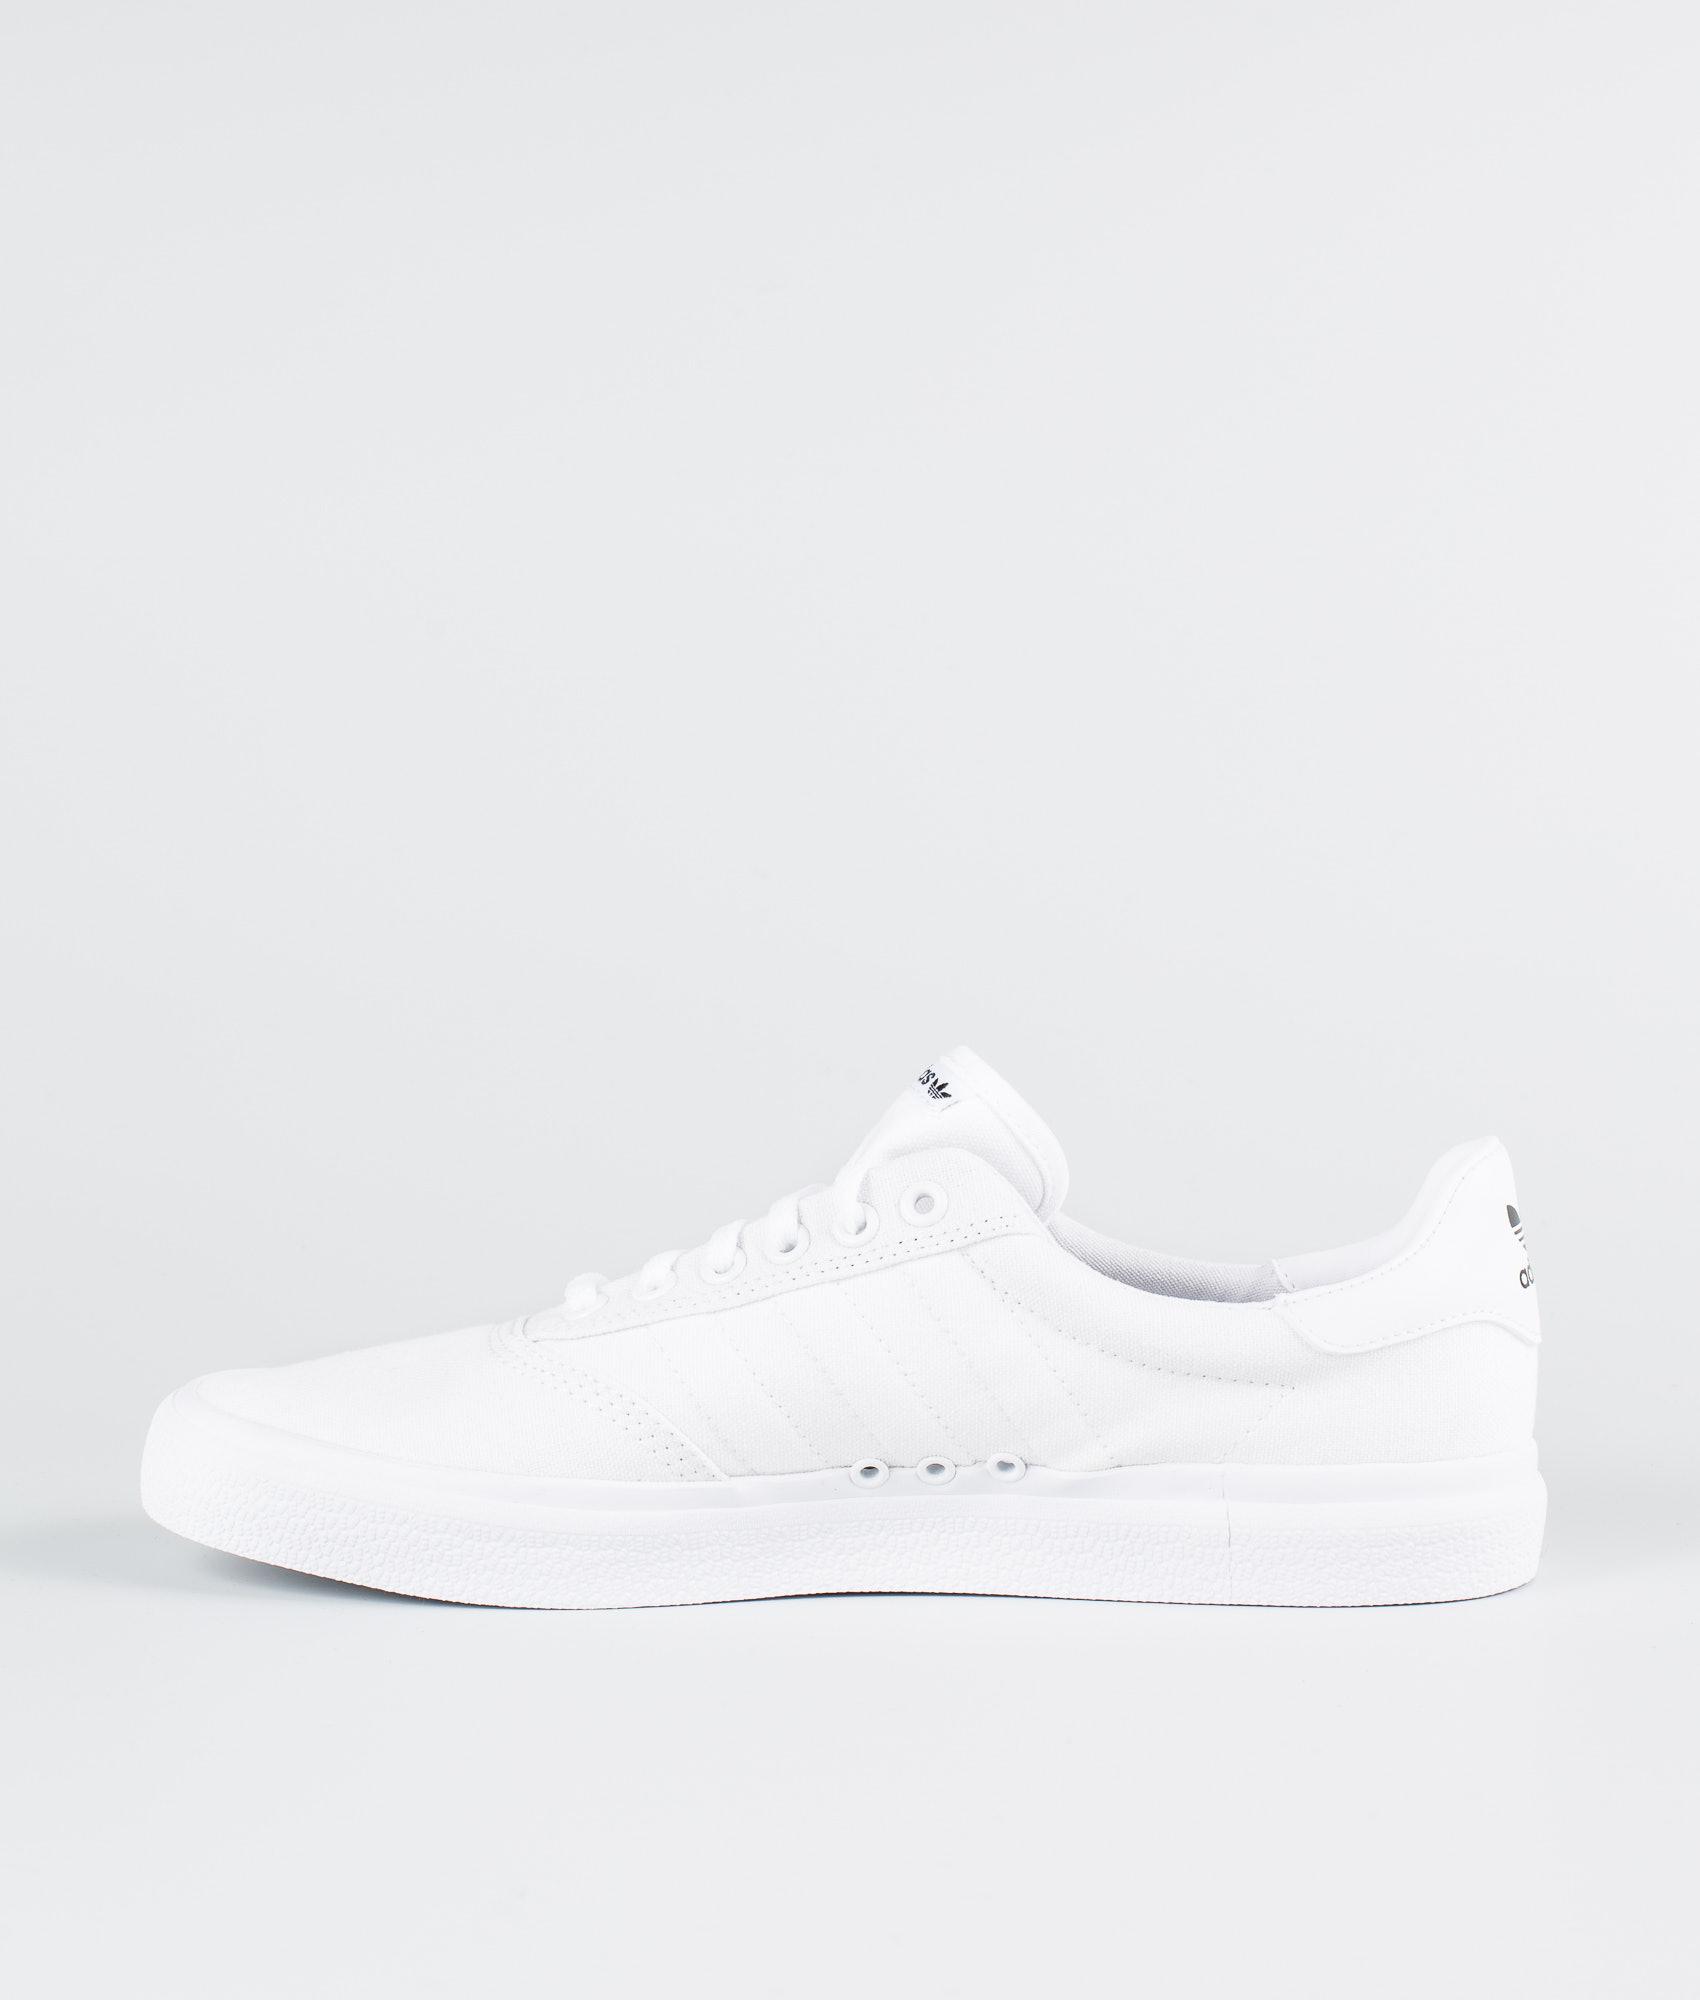 738ae2c3e97 Adidas Skateboarding 3Mc Skor Ftwr White/Ftwr White/Metallic Gold ...